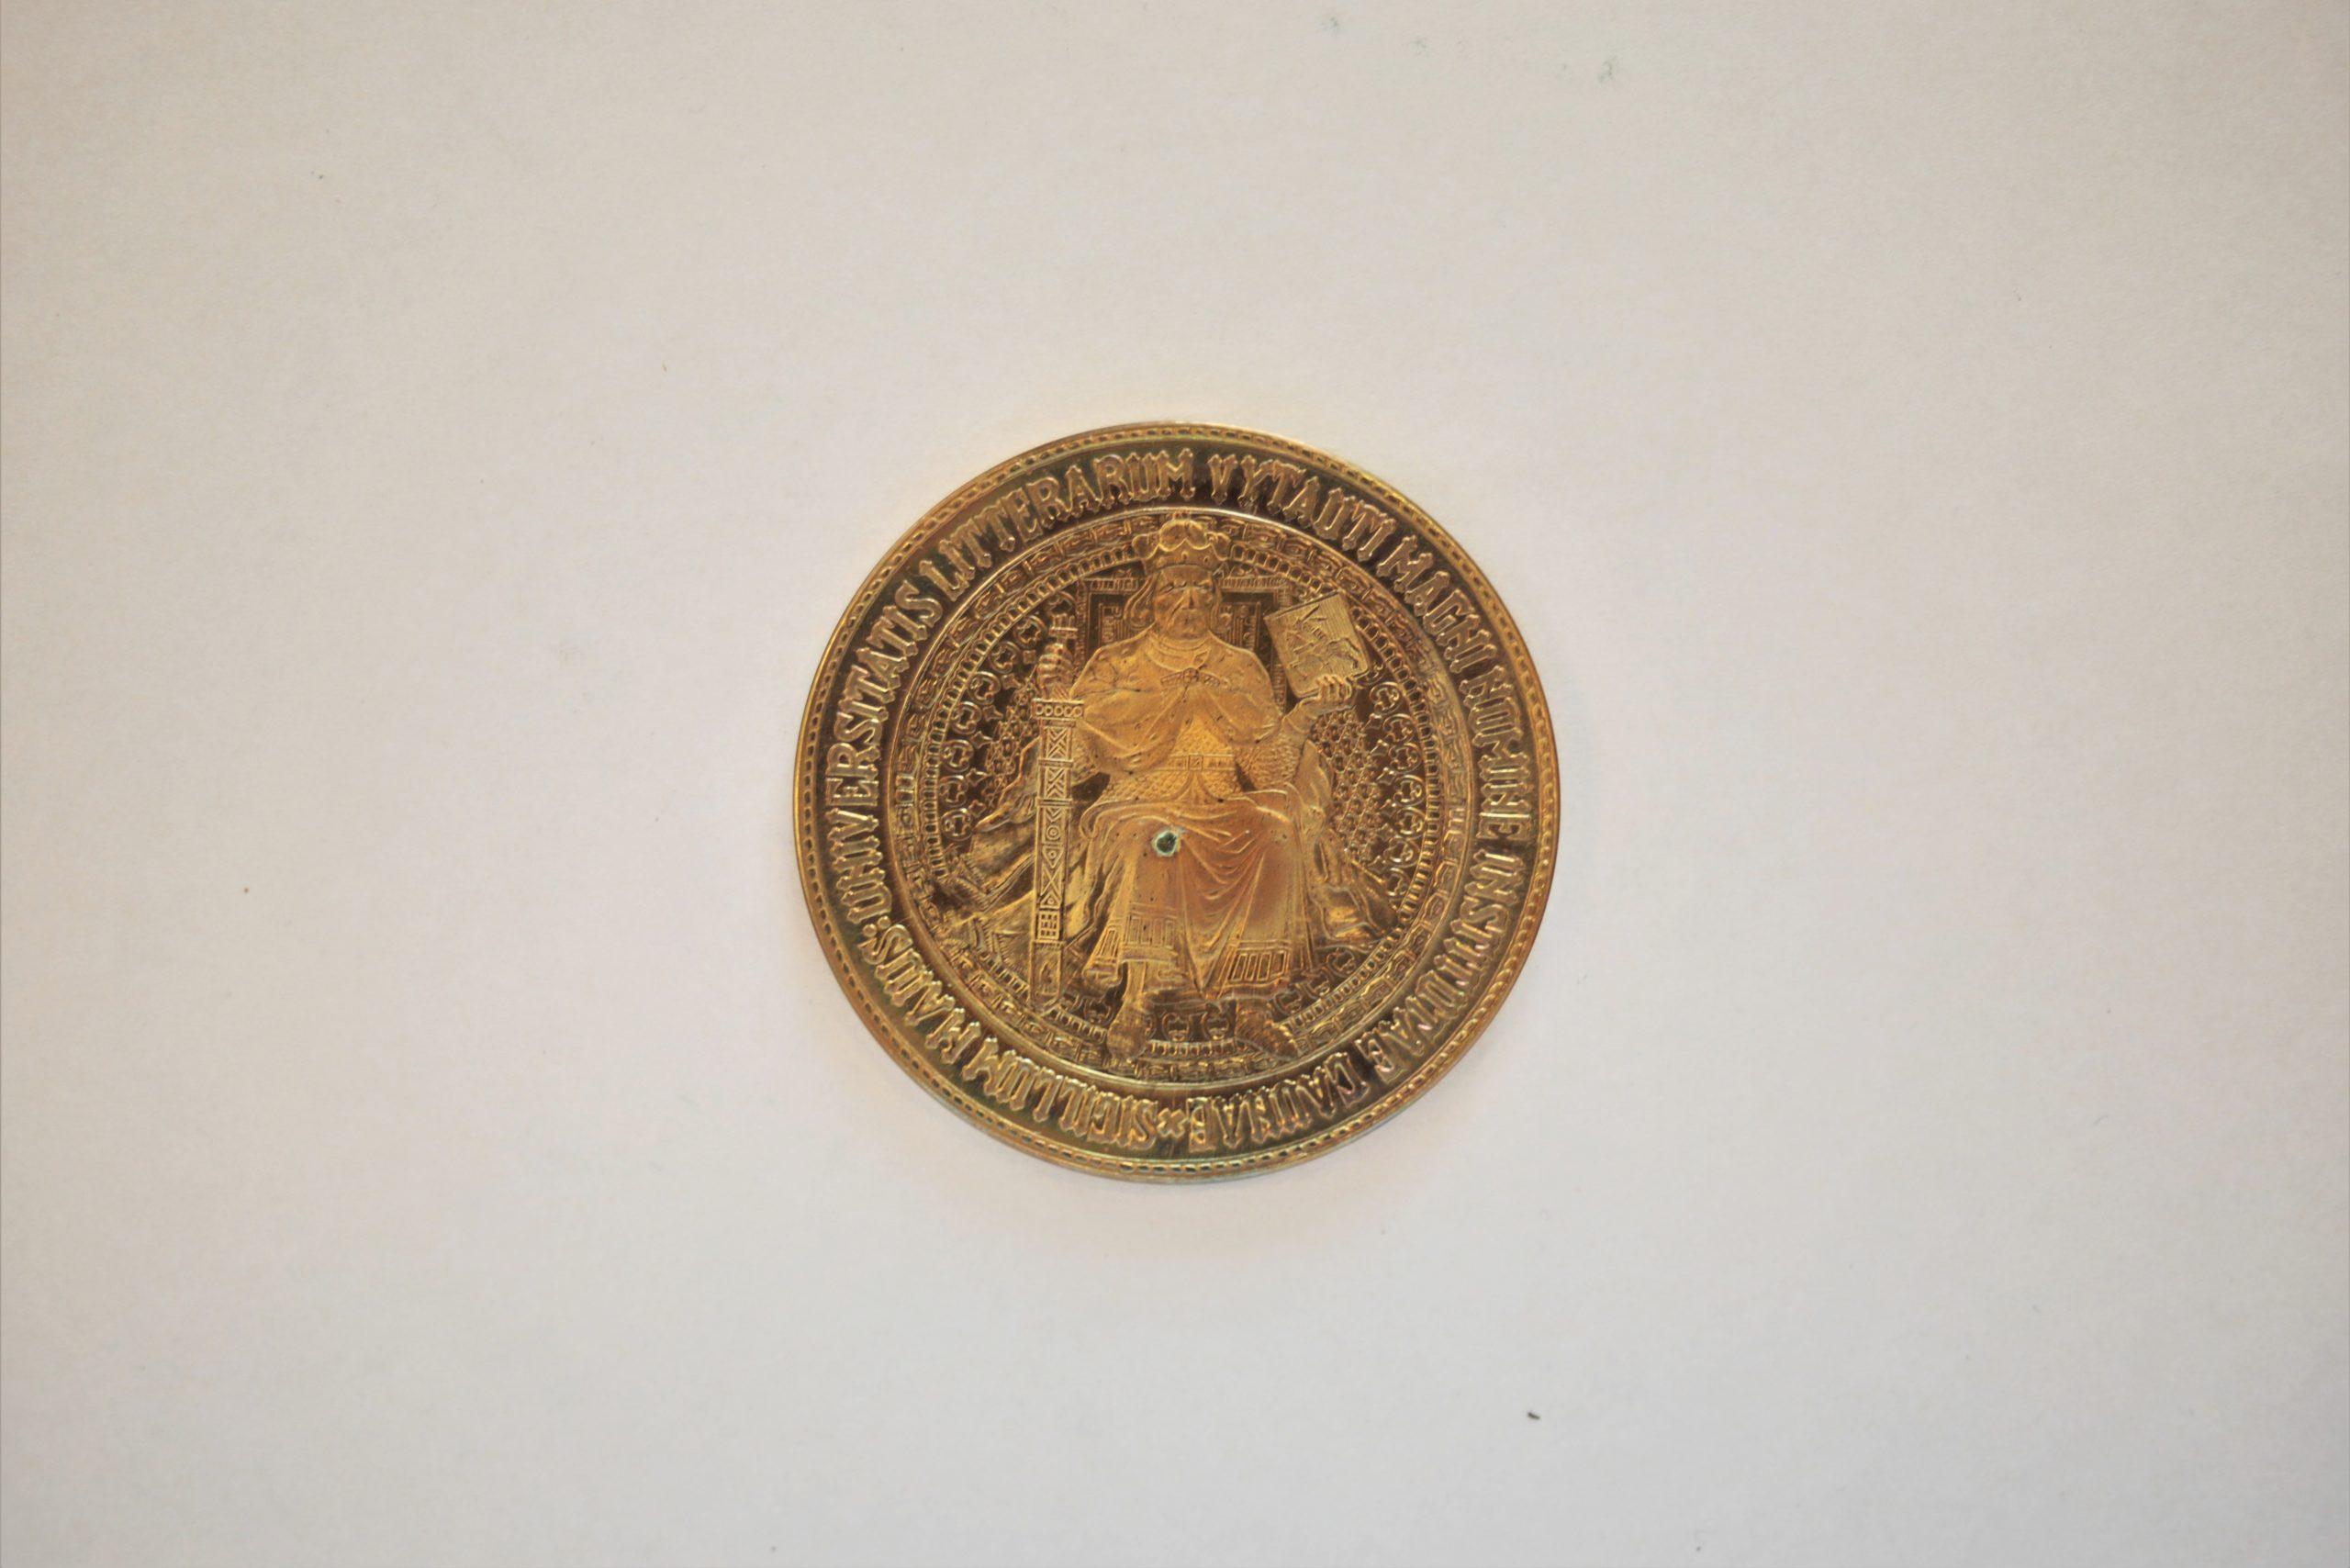 Medalis. Vytauto Didžiojo Universiteto atkūrimui. 1989 m. Geltonas metalas. Aversas. Autorius nežinomas